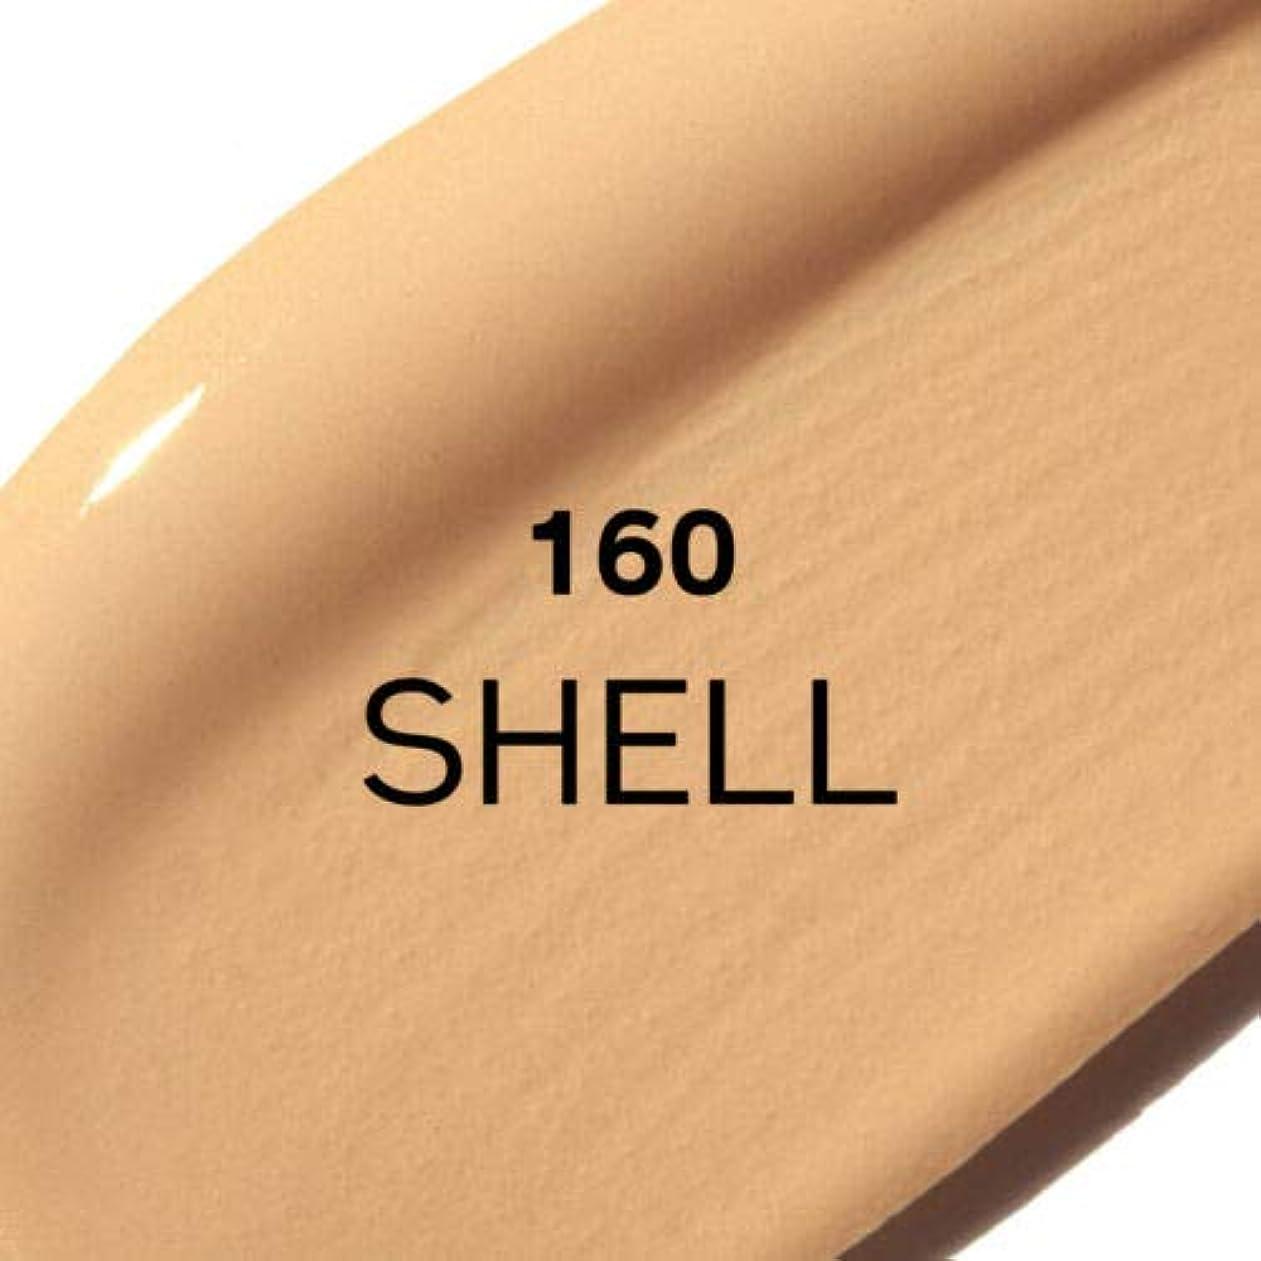 週間チャーム線形SHISEIDO 資生堂 シンクロスキン セルフリフレッシング ファンデーション - 2019年新商品 (160 Shell)